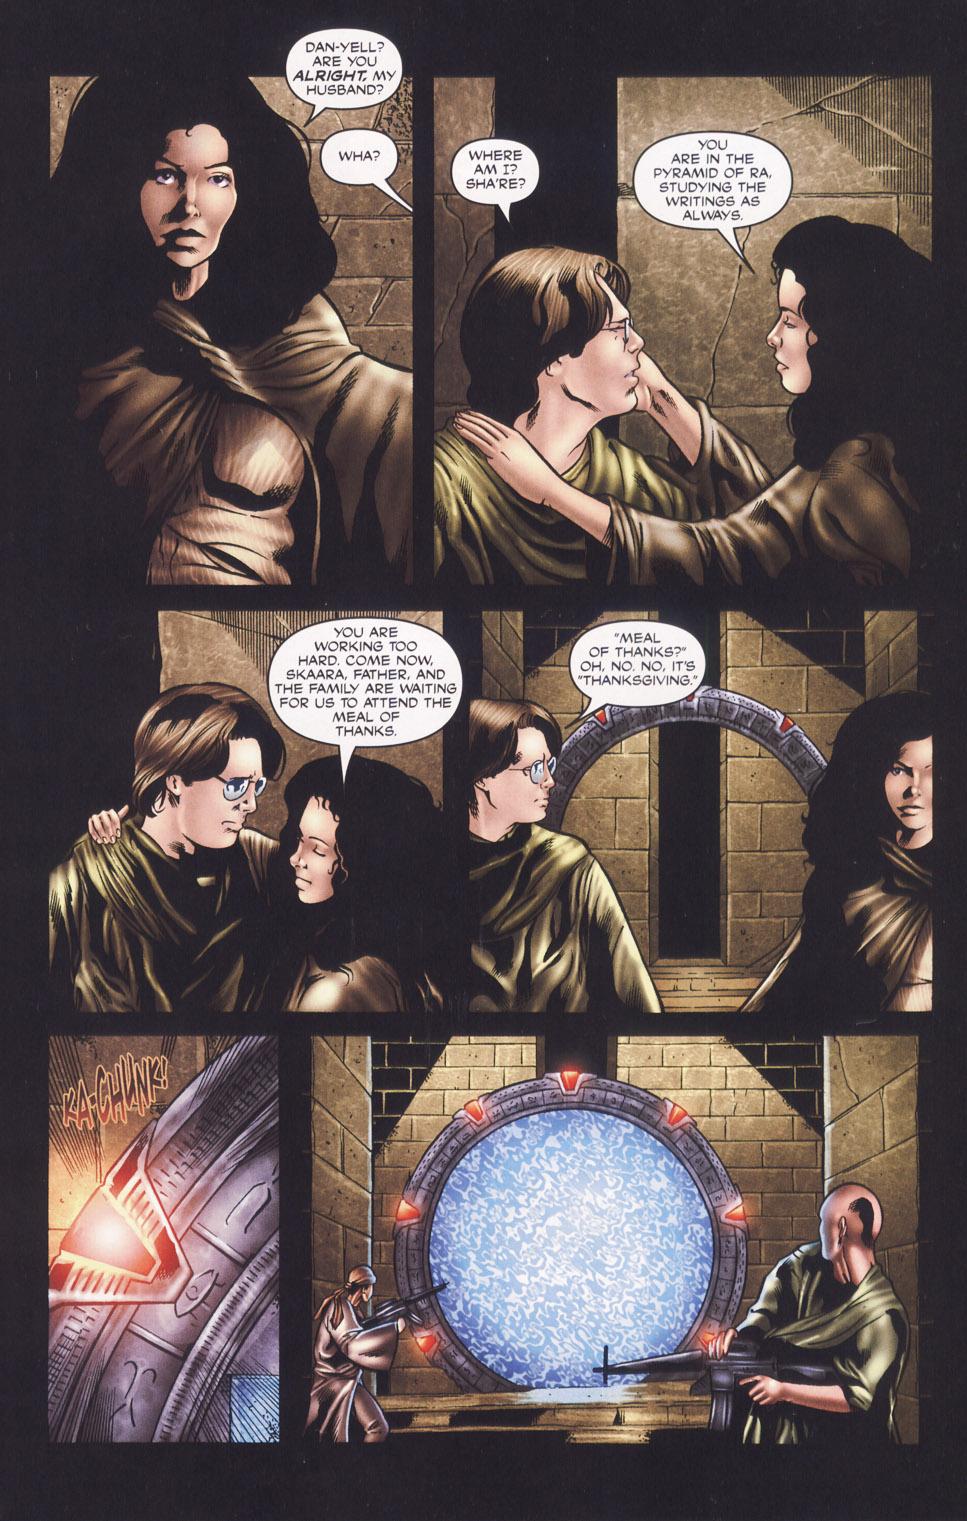 Read online Stargate SG-1: Daniel's Song comic -  Issue # Full - 5